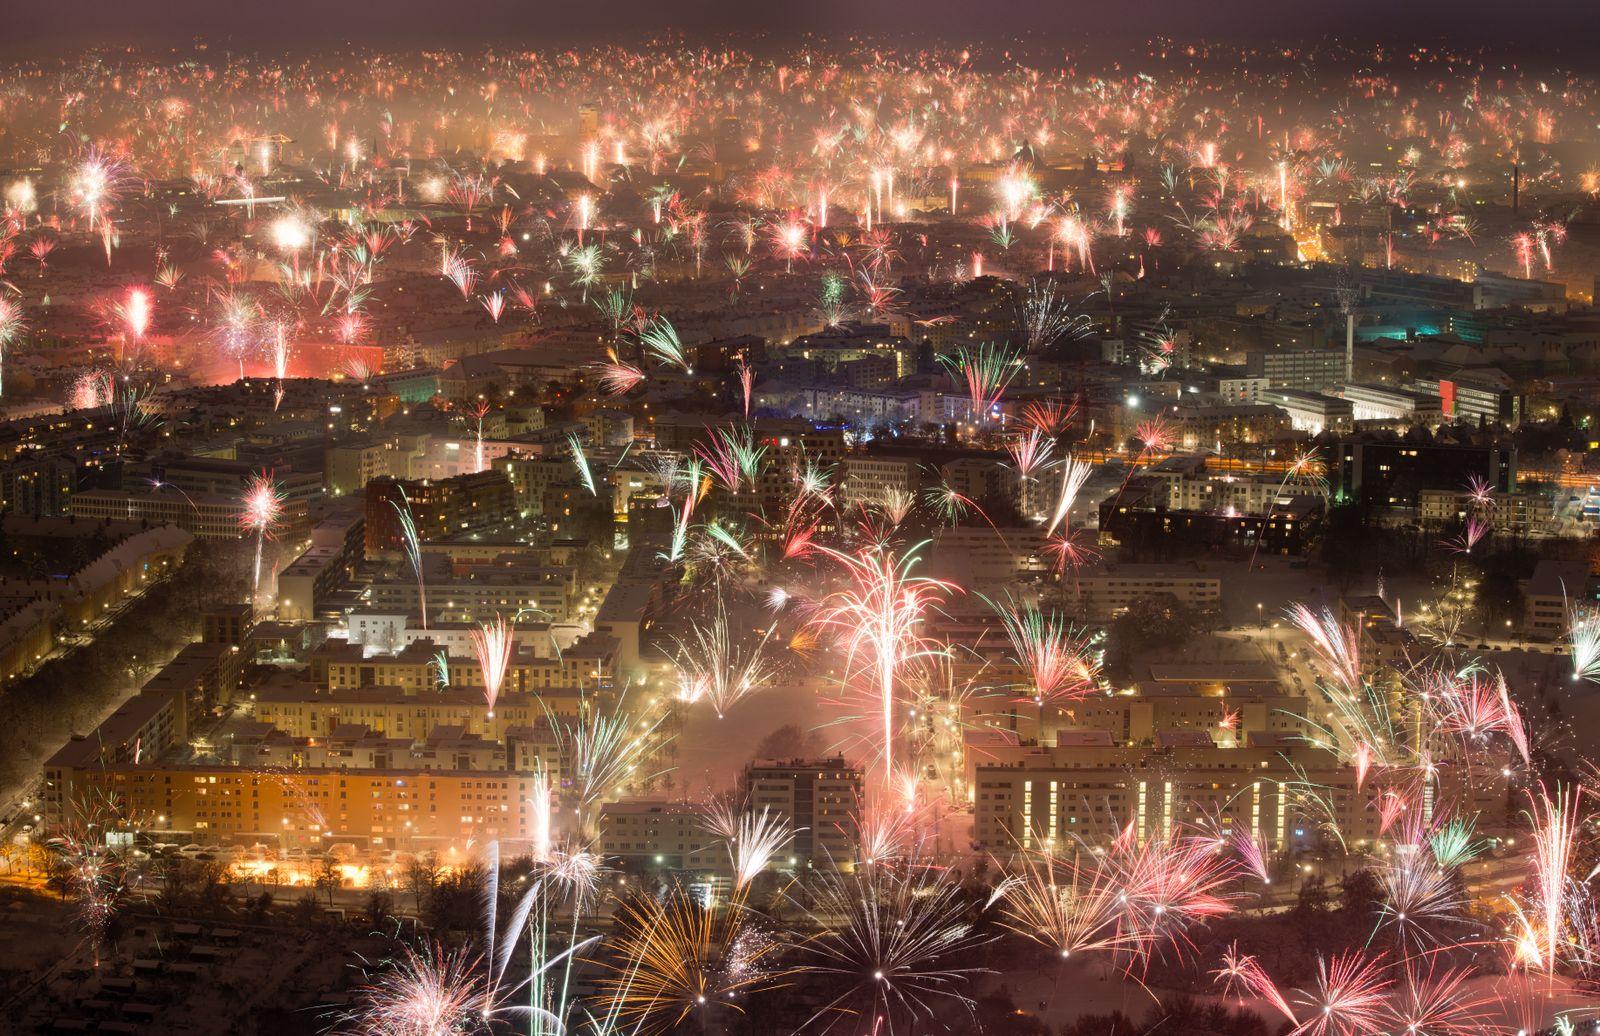 EINMALIGE VERWENDUNG SPIEGEL Plus SPIEGEL 52/2017 S. 40 Silvesterfeuerwerk Feinstaub STARTBILD